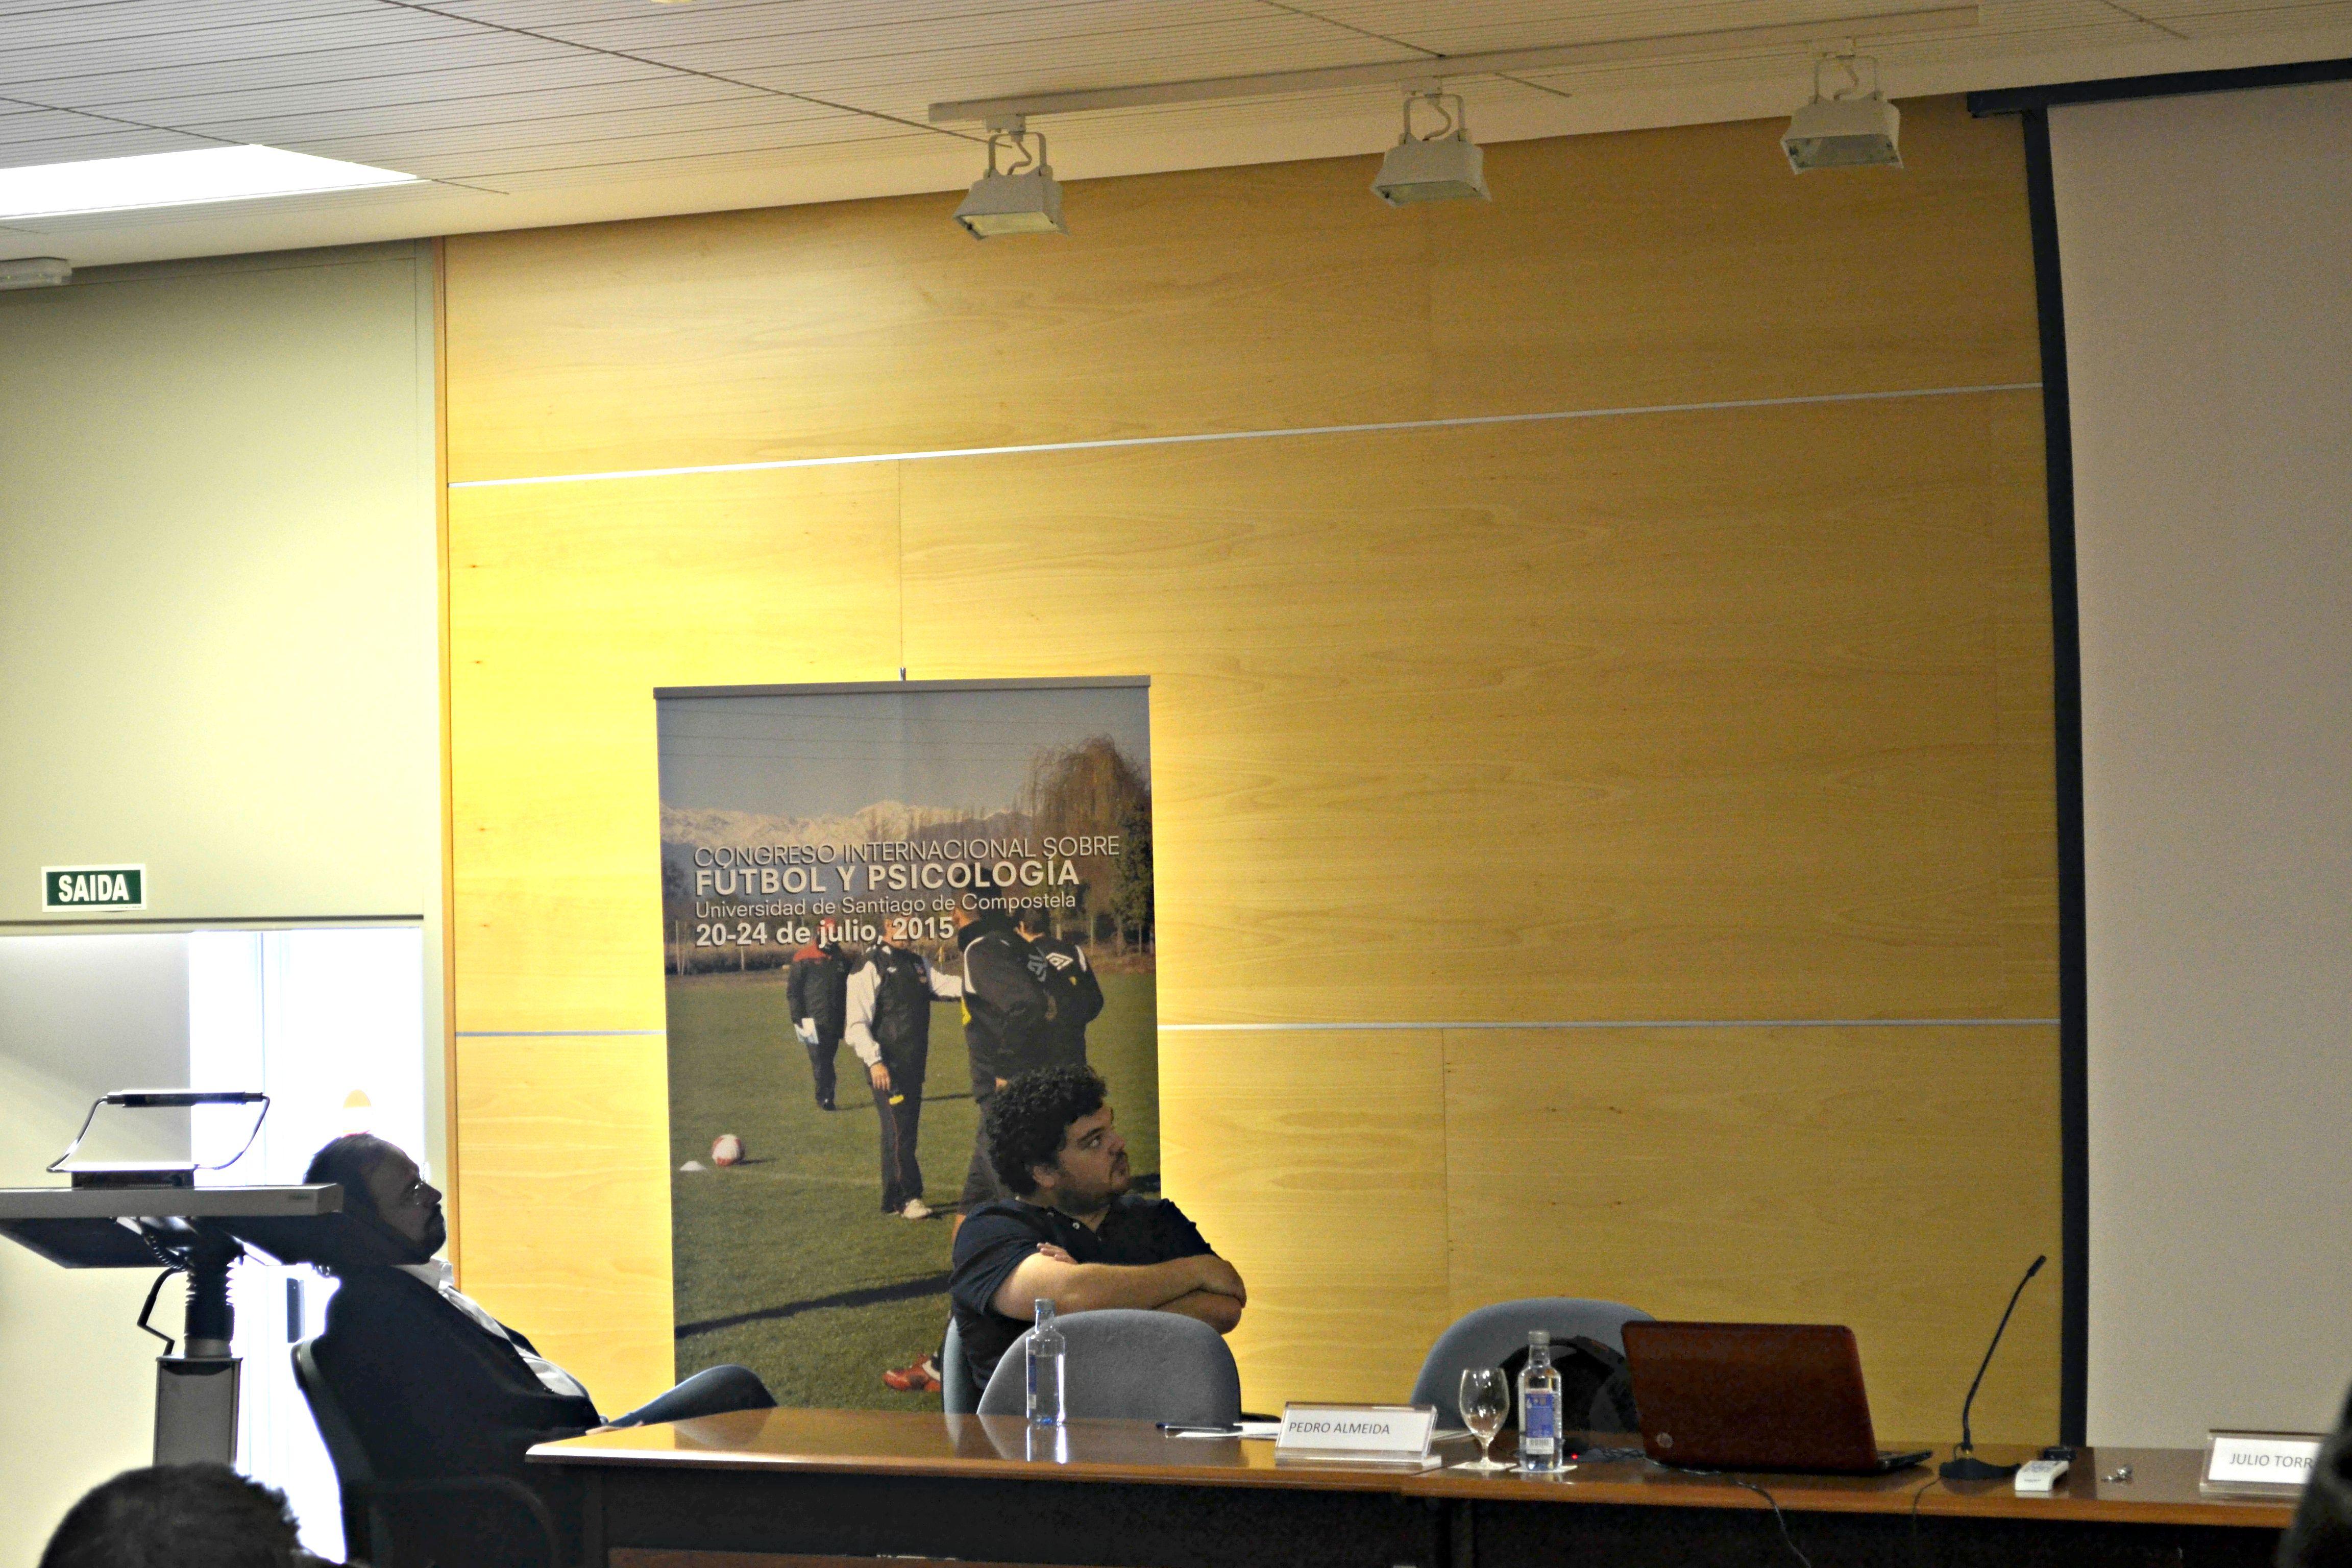 Pedro Almeida y Julio Torrado durante el Congreso Internacional sobre Fútbol y Psicología | ©Andrea Oca